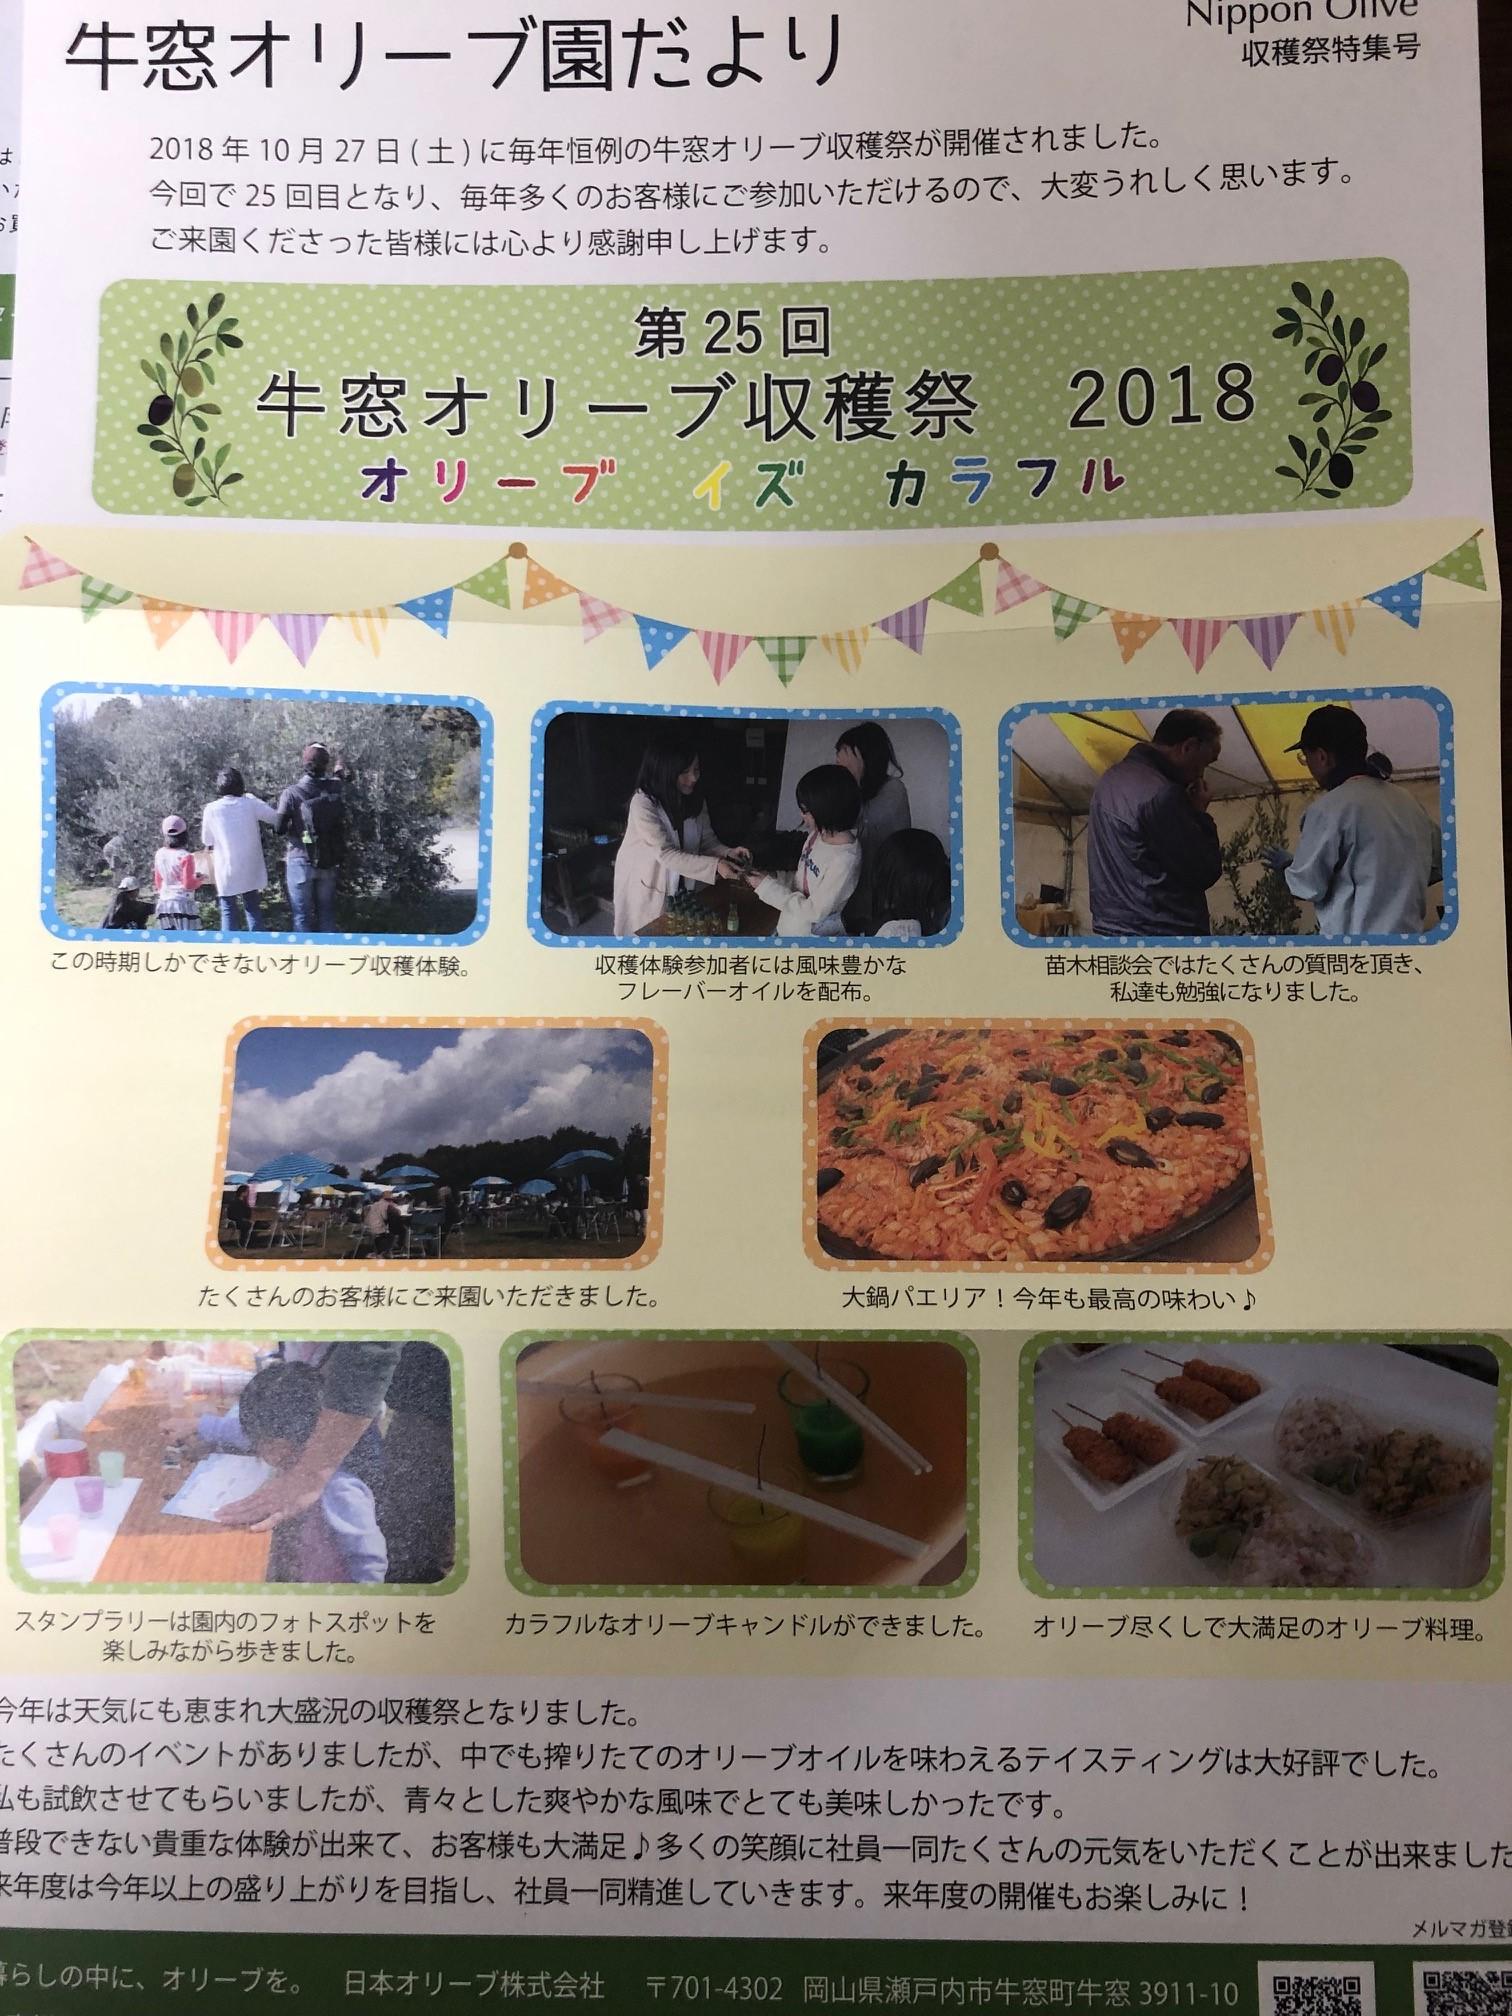 オリーブ収穫体験のポスター